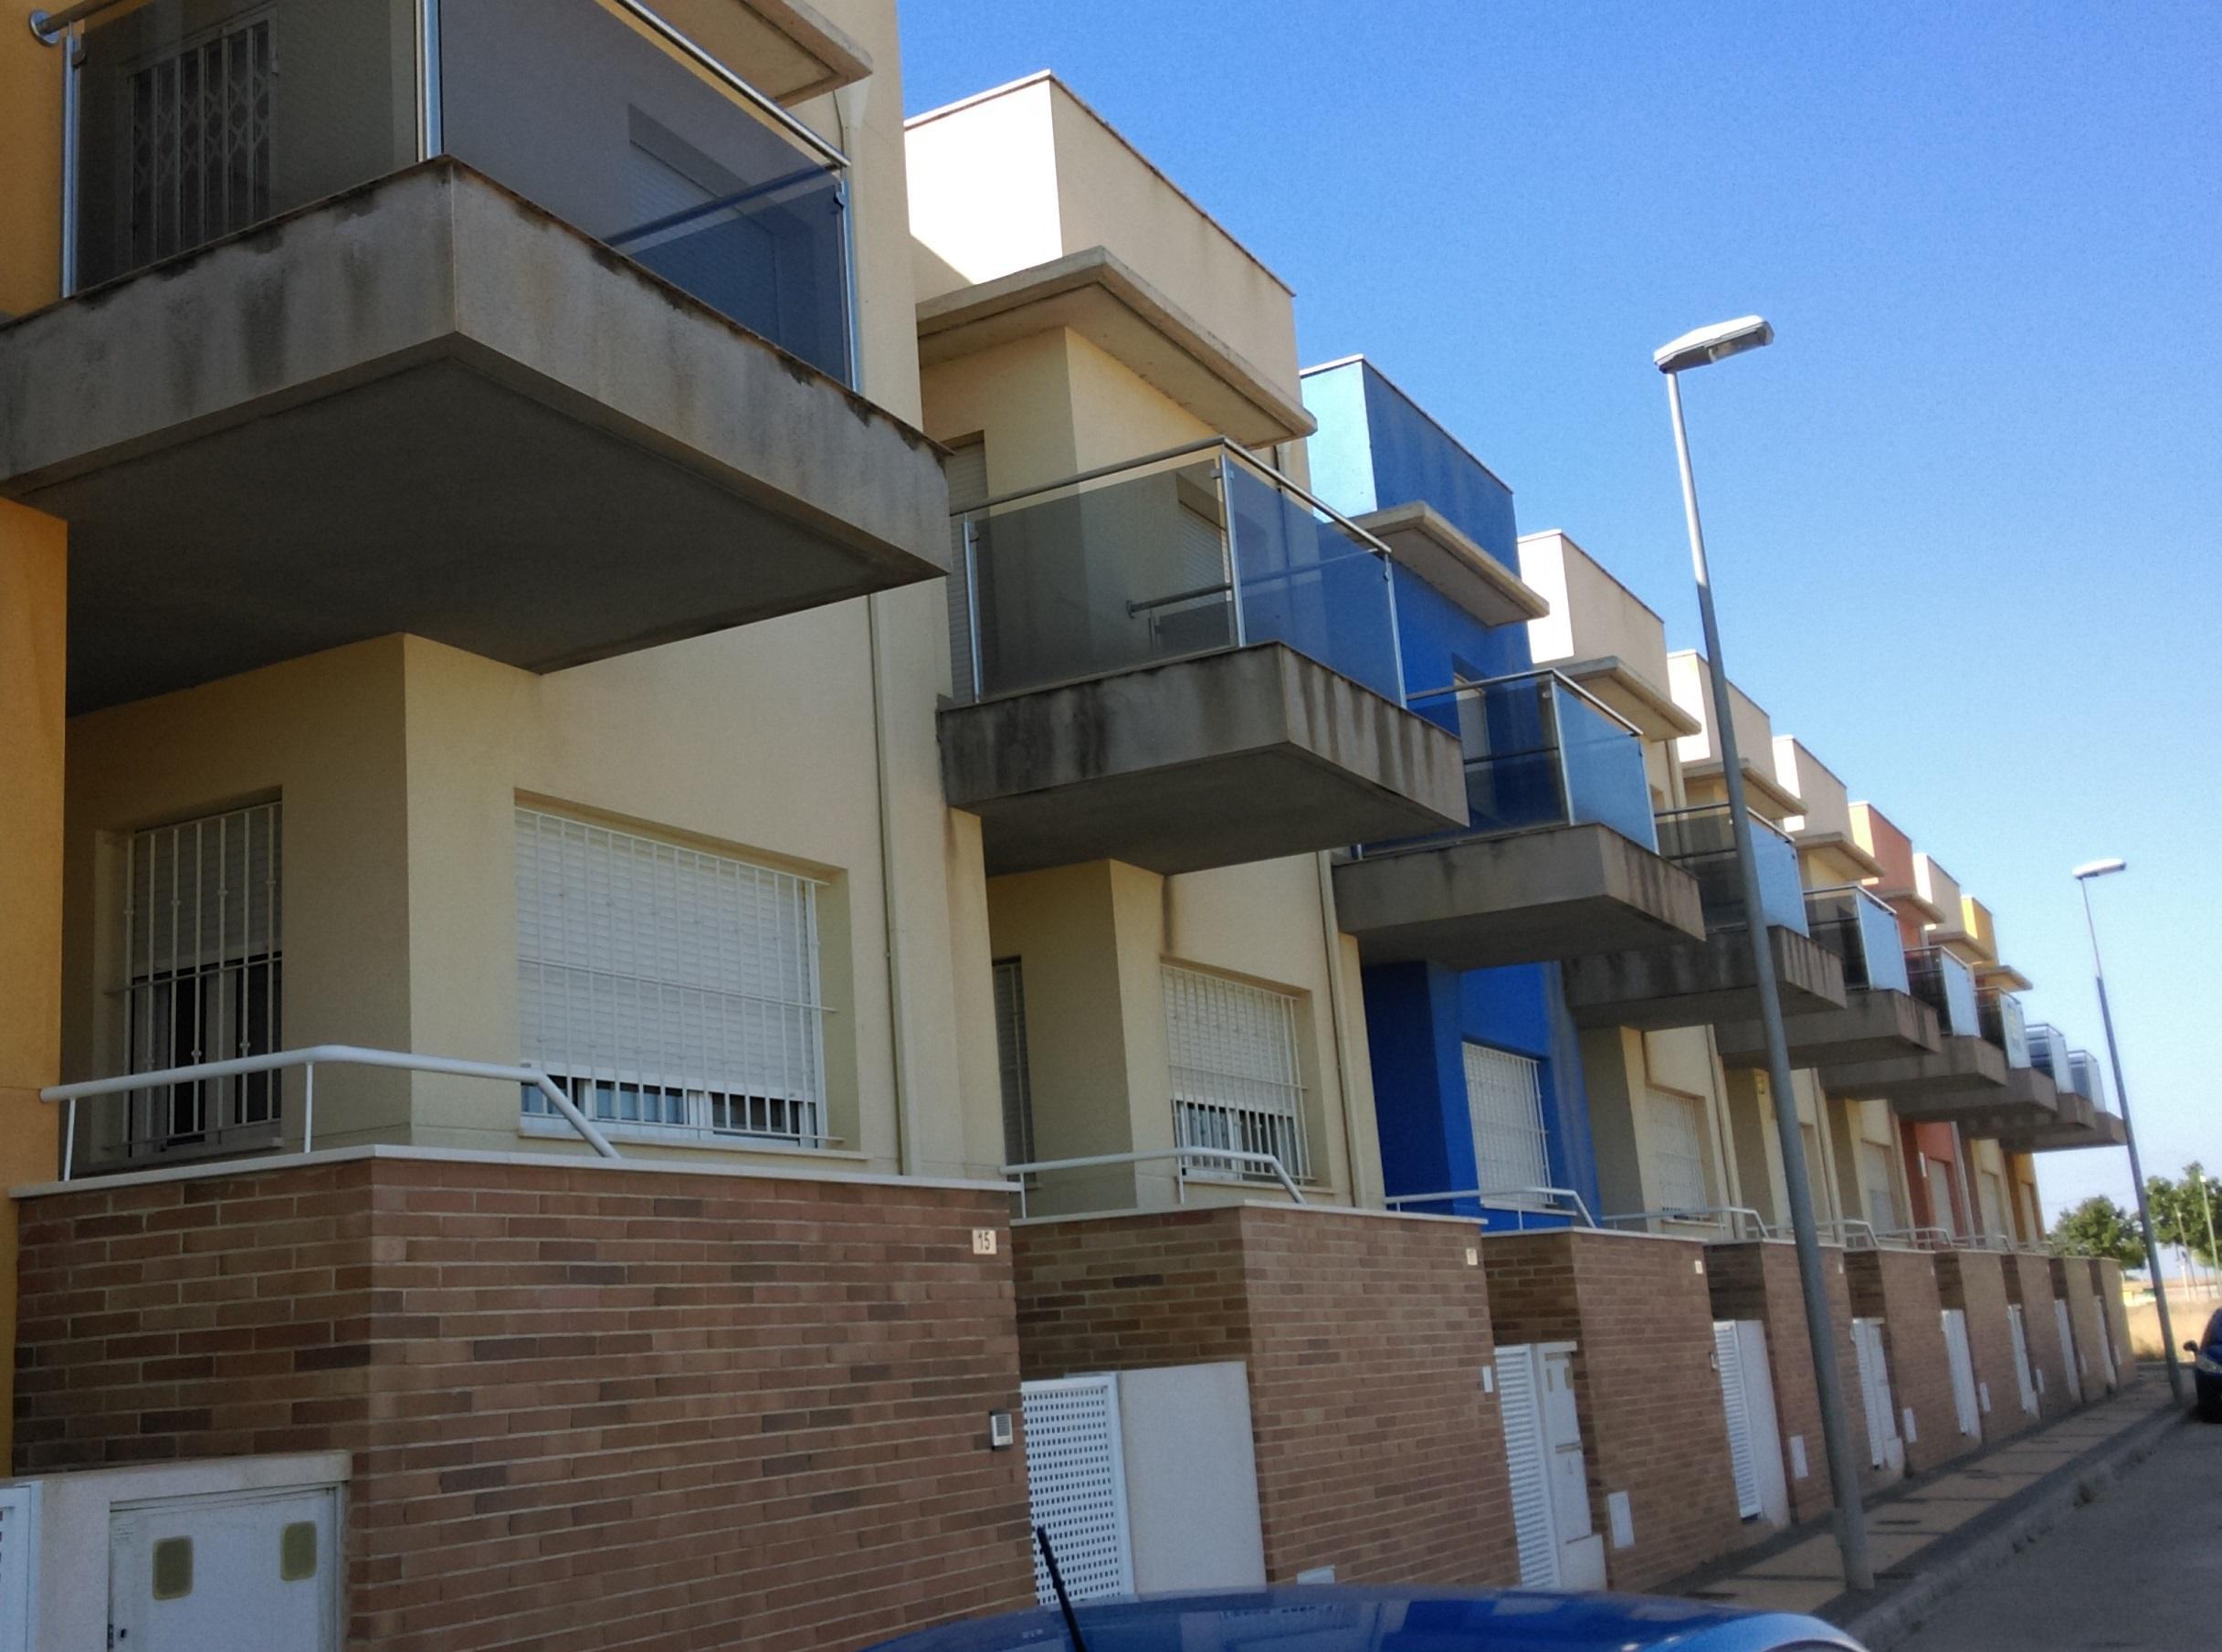 Casa en venta en Jimenado, Torre-pacheco, Murcia, Calle Calle Mirlo, 129.100 €, 4 habitaciones, 2 baños, 209 m2